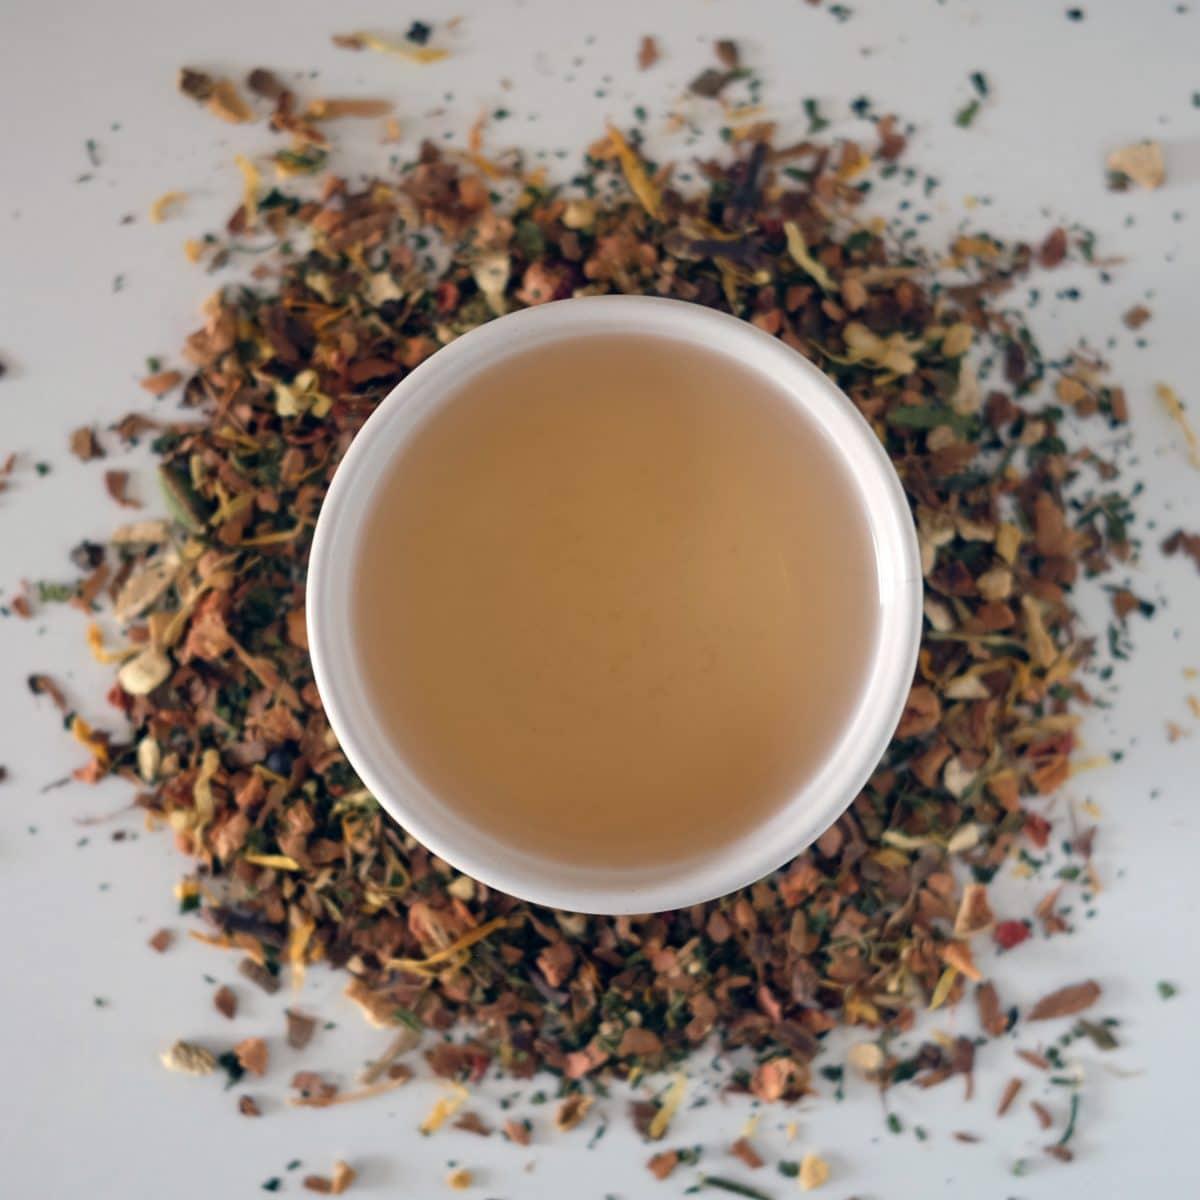 Sunset Glow Ambar Tea